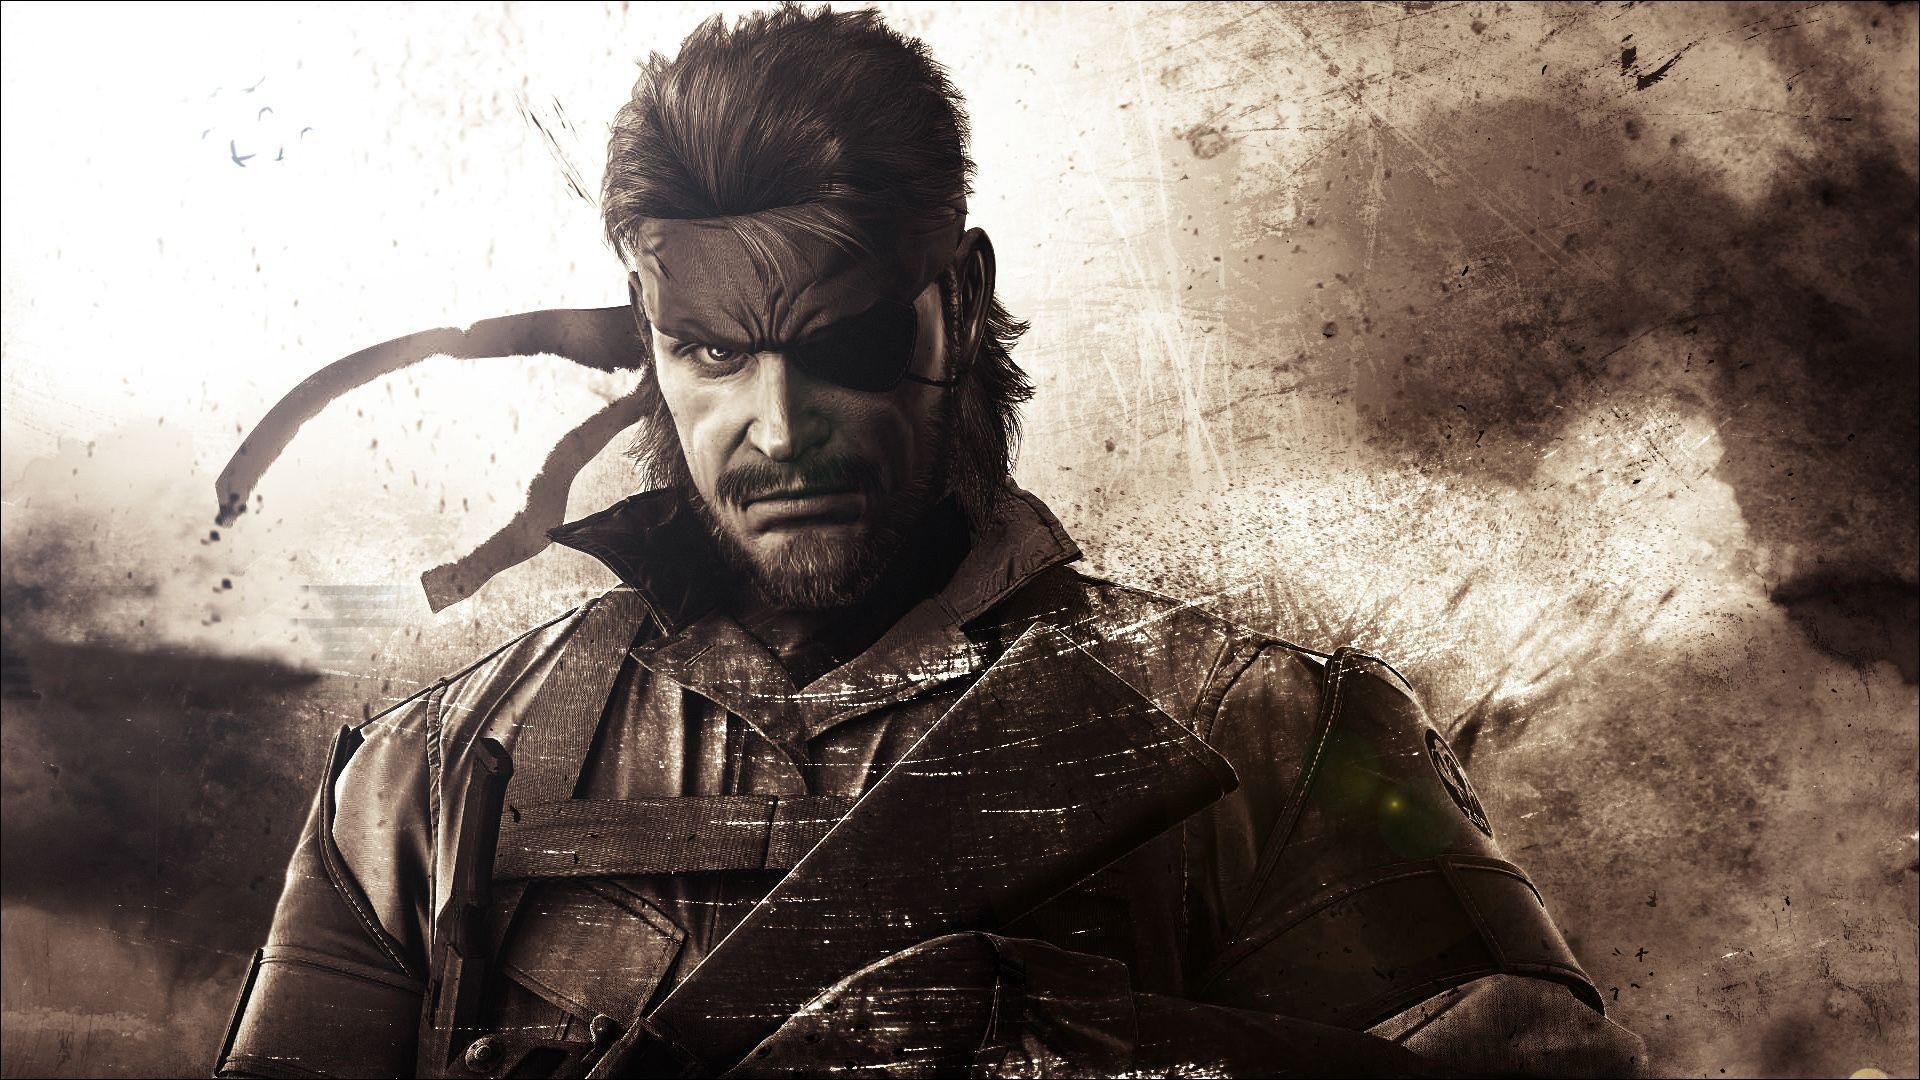 Инсайд: Sony покупает Bluepoint Games, полноценные ремейки Metal Gear Solid и Silent Hill будут эксклюзивами PlayStation 5 2